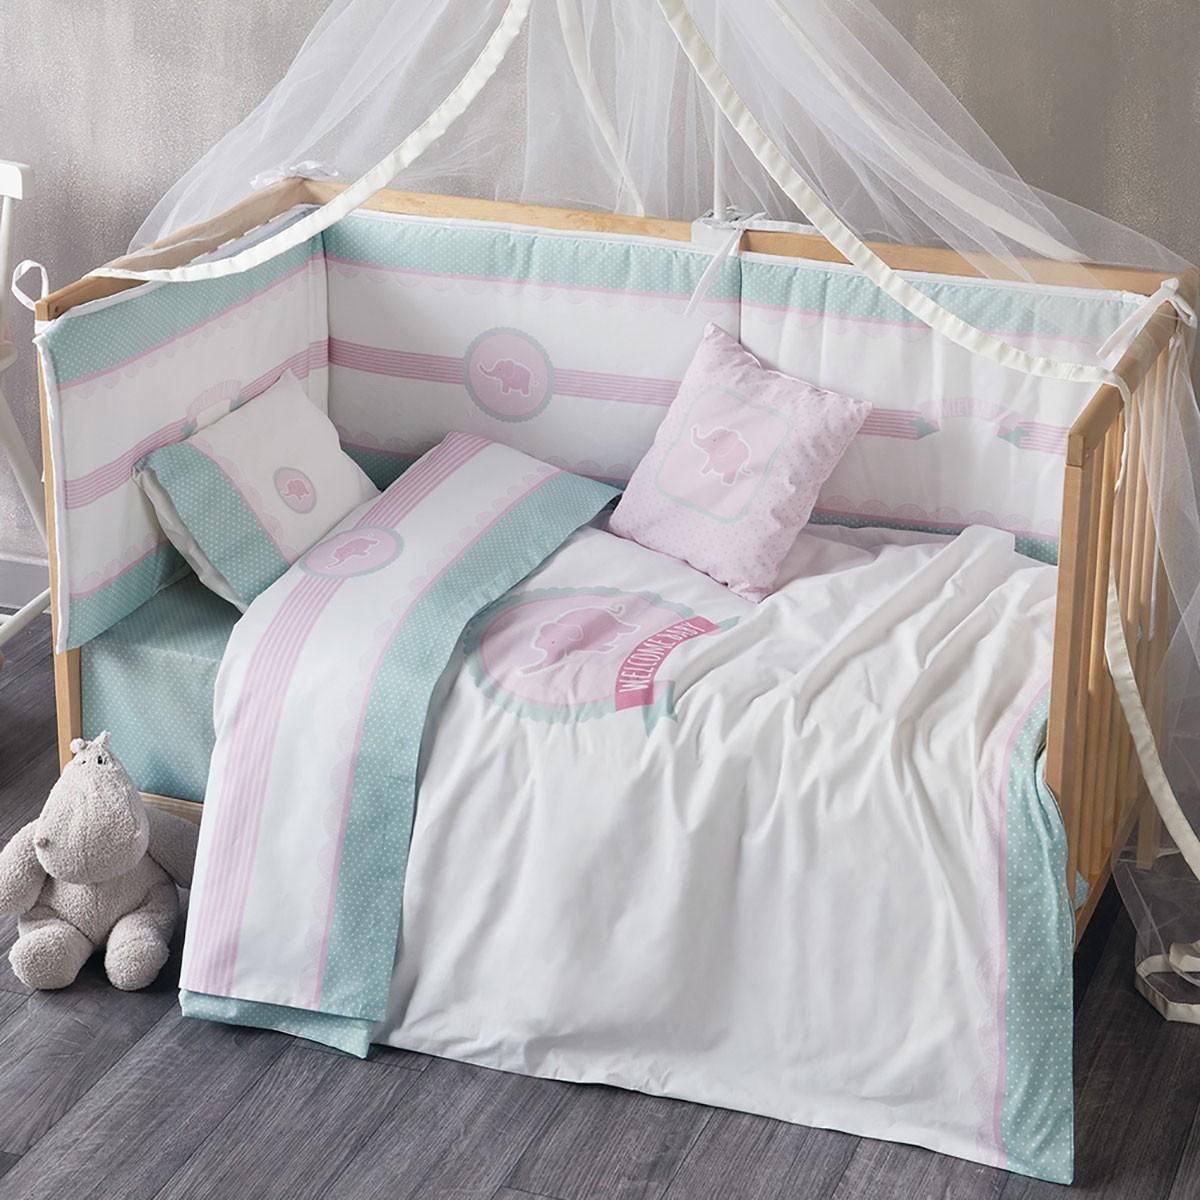 Παπλωματοθήκη Κούνιας (Σετ) Kentia Baby Welcome Baby 14 55476